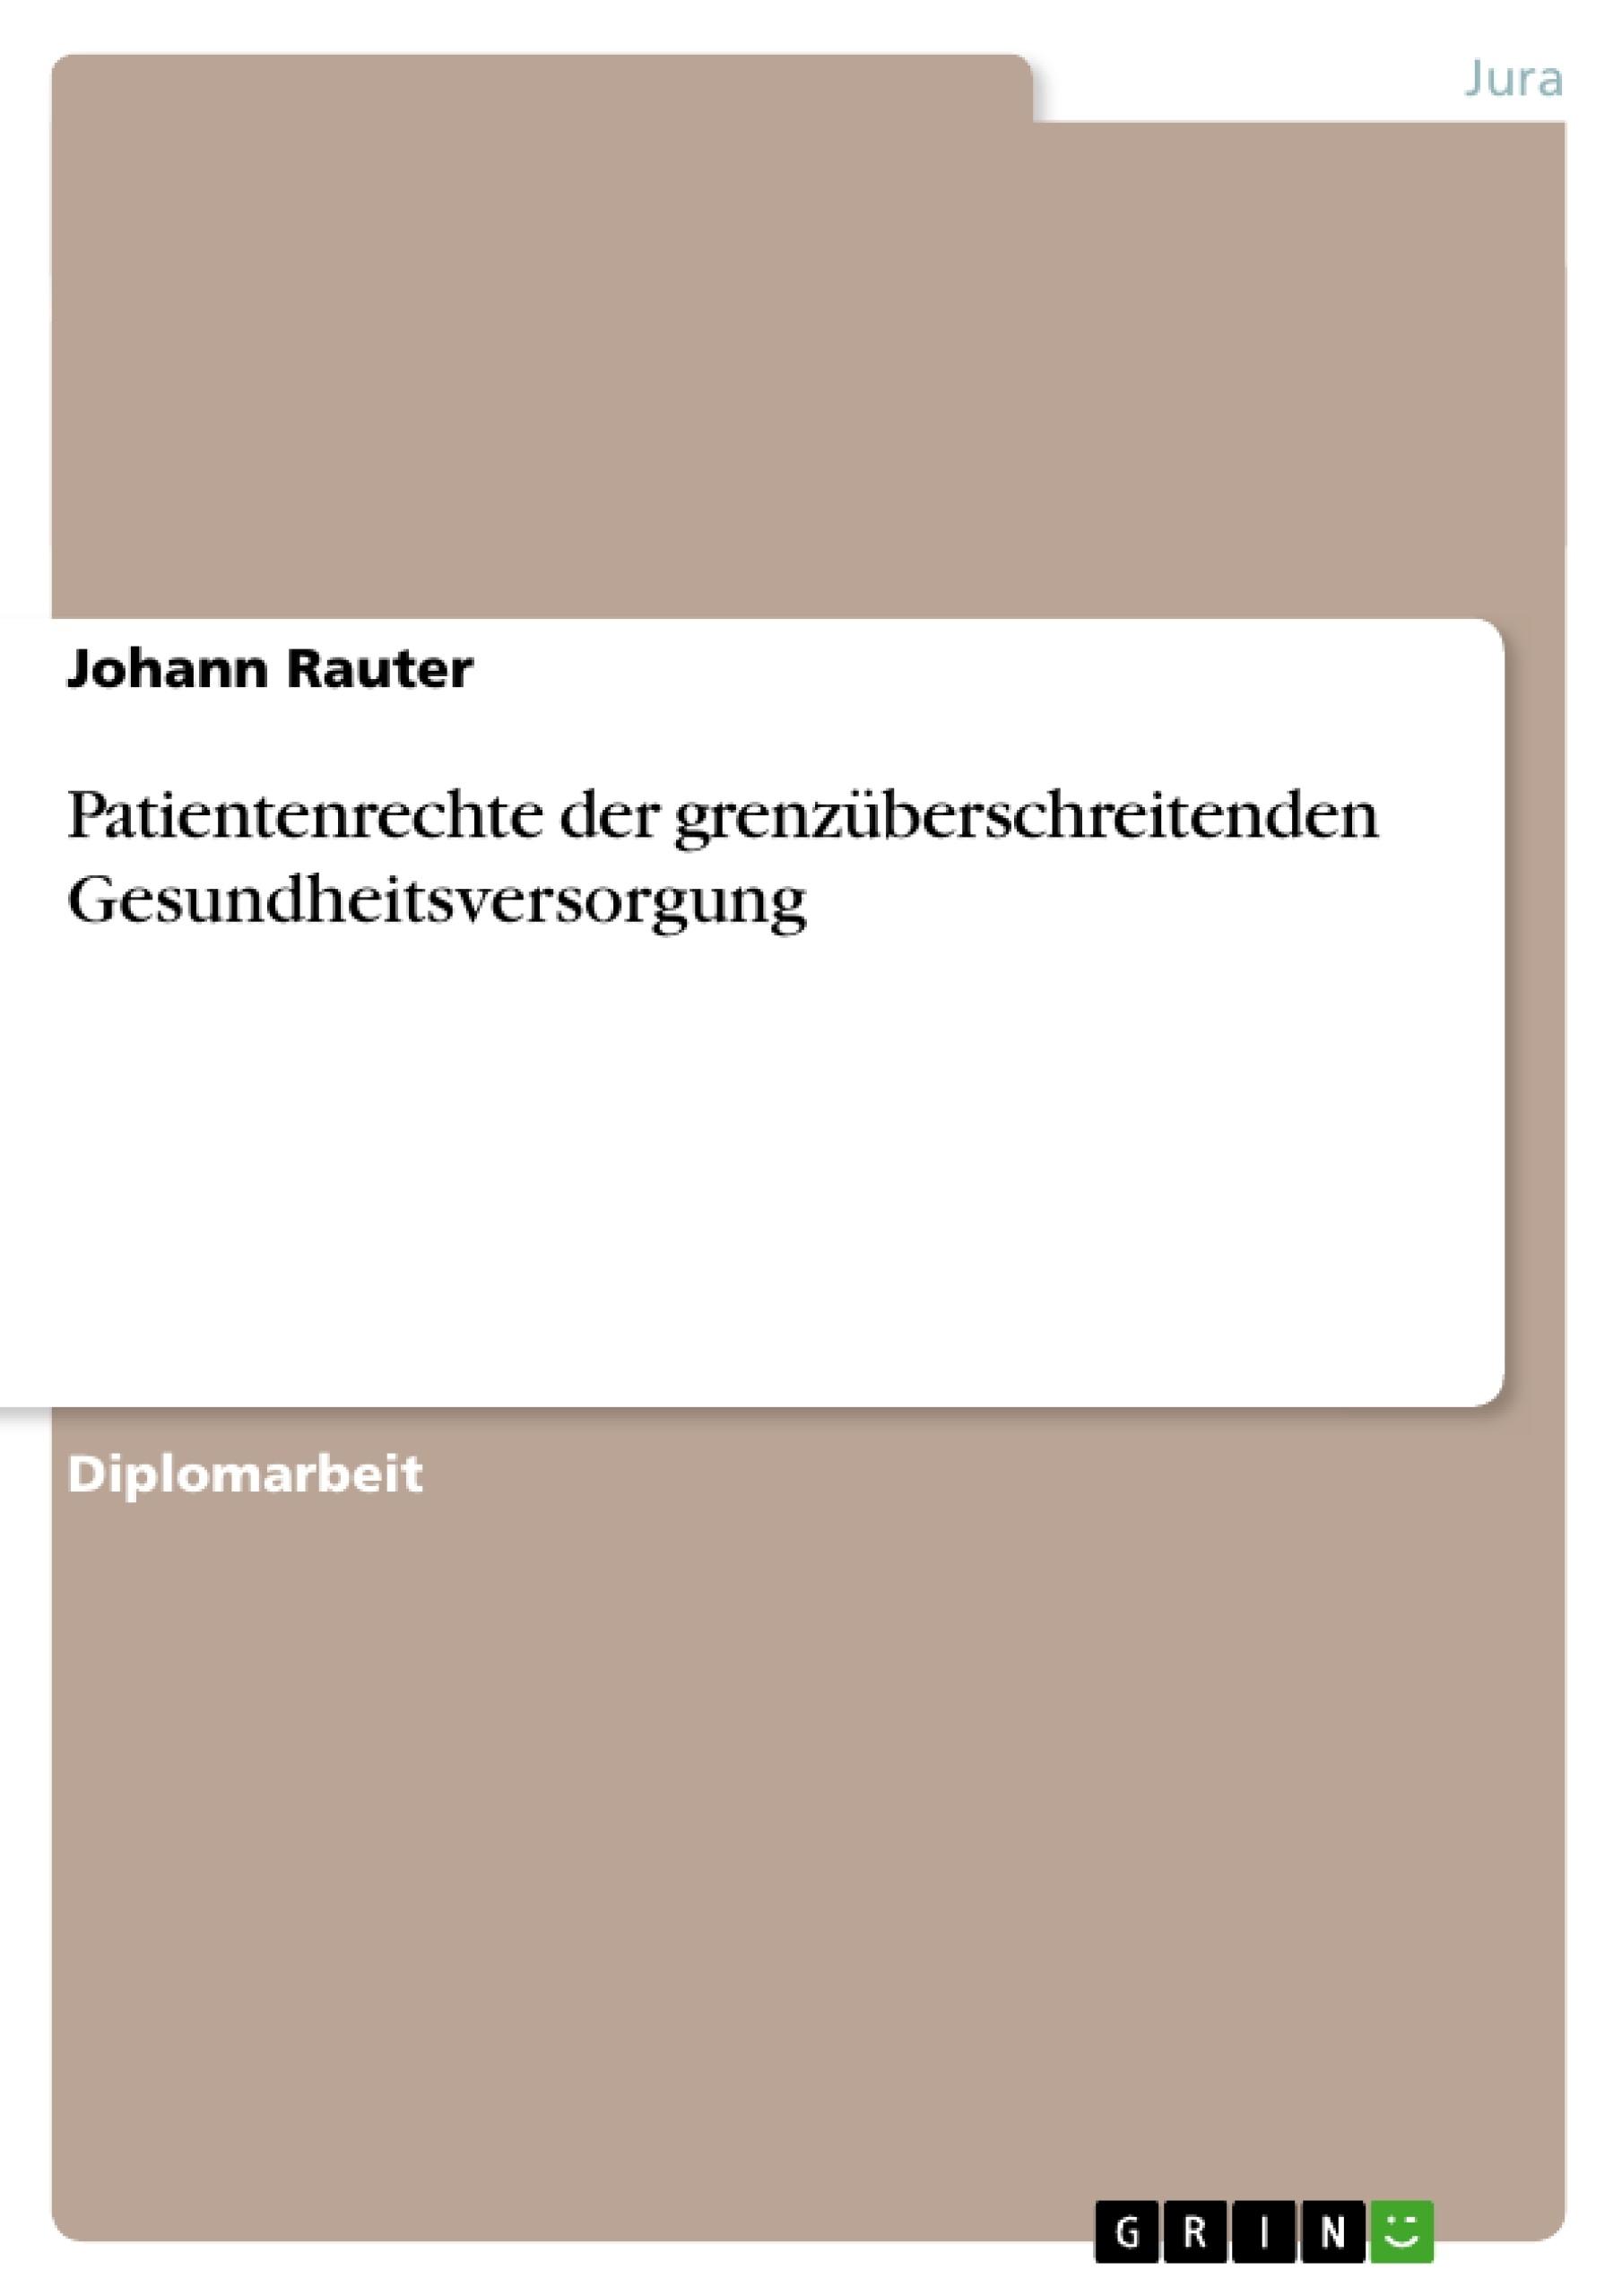 Titel: Patientenrechte der grenzüberschreitenden Gesundheitsversorgung